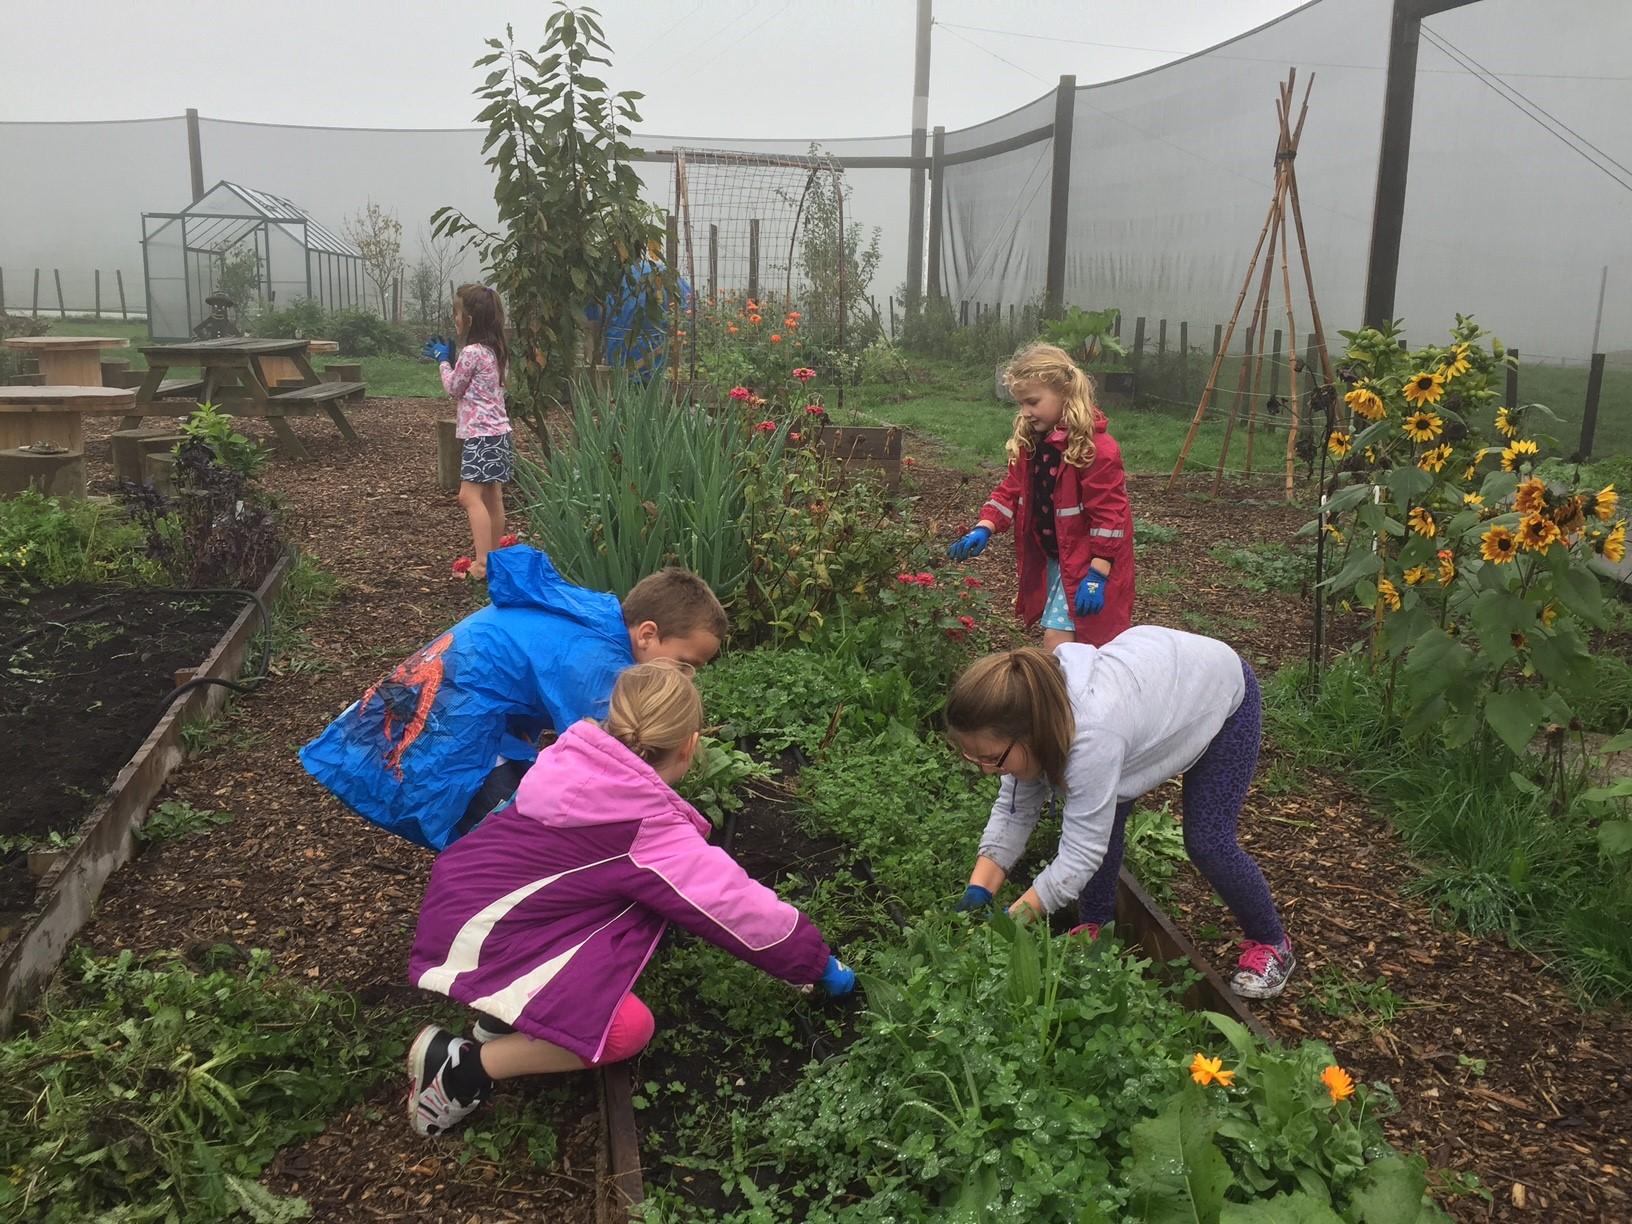 Children working together in the school vegetable garden